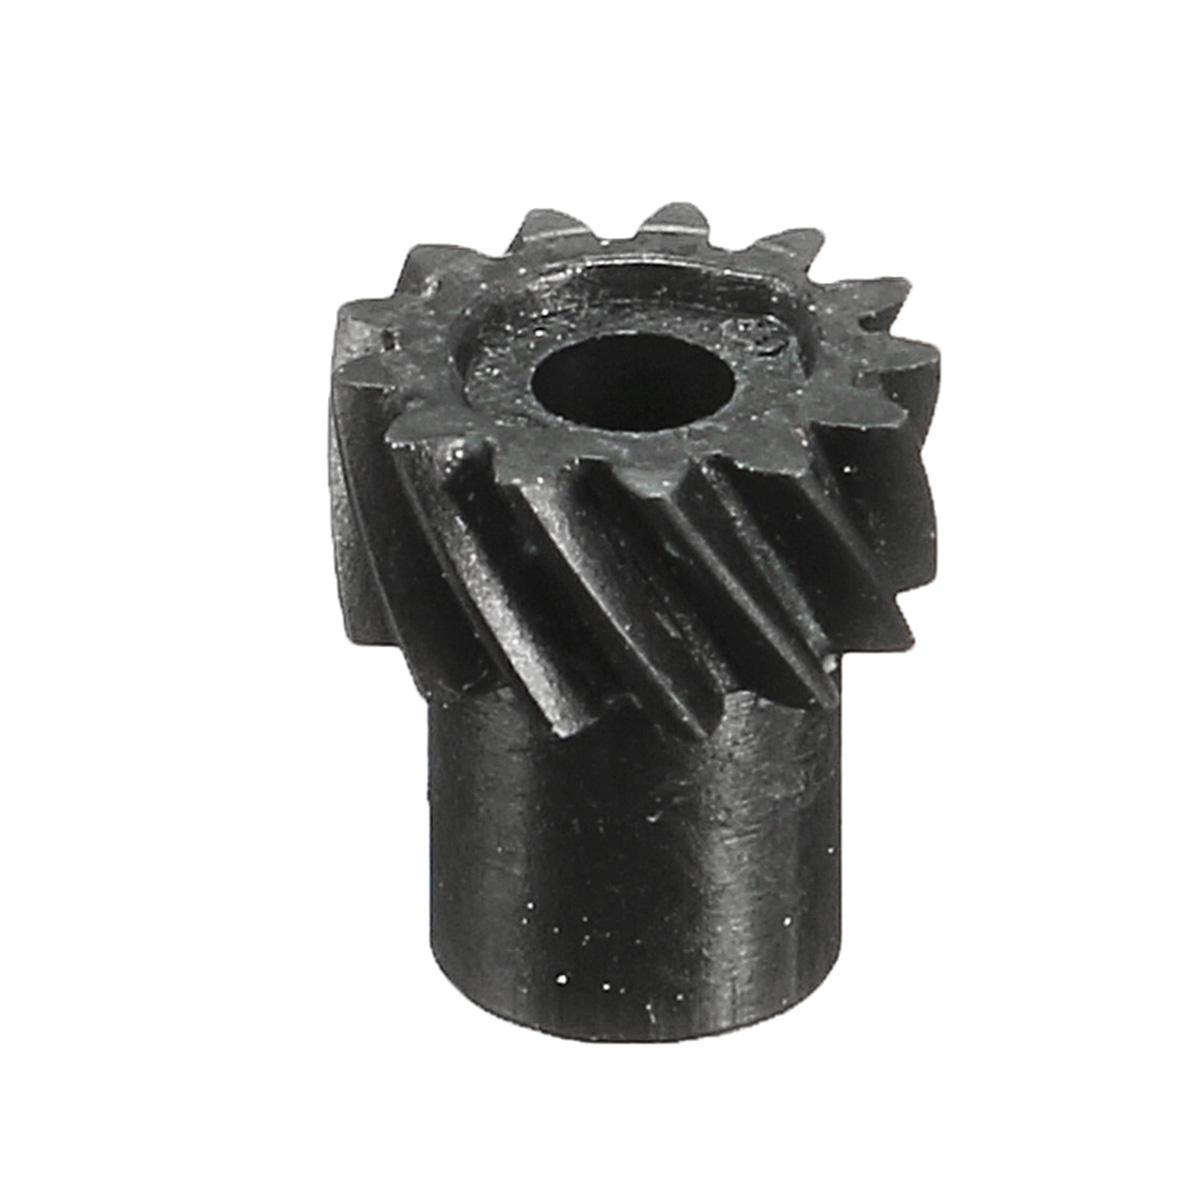 Digital Camera Repair Replacement Parts Aperture Motor Gear For Nikon D80  D90